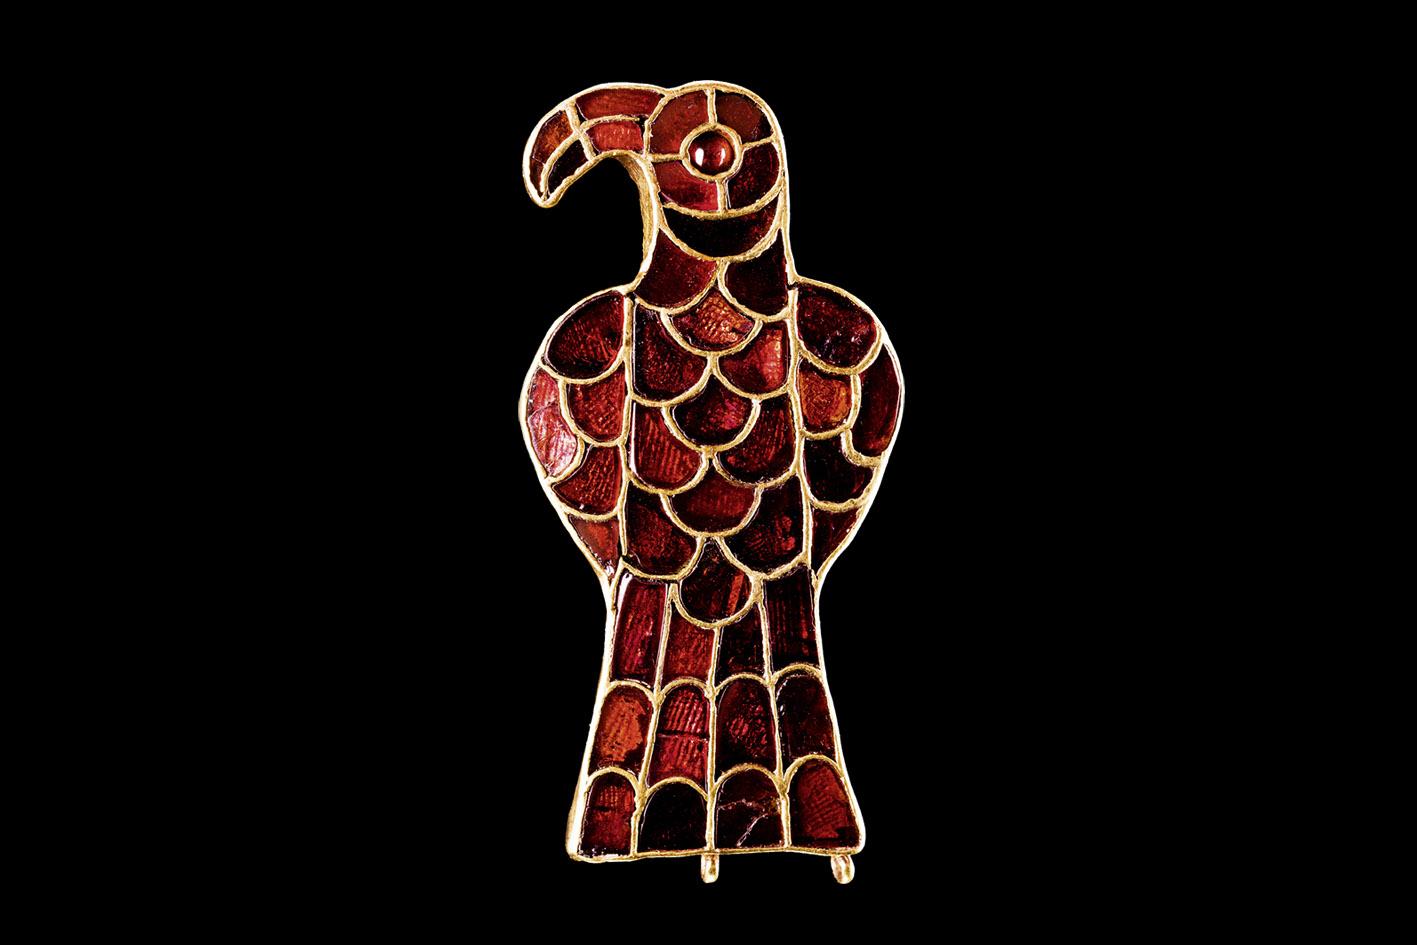 Goldenes Schmuckstück in Adlerform, mit vielen roten Schmucksteinen besetzt